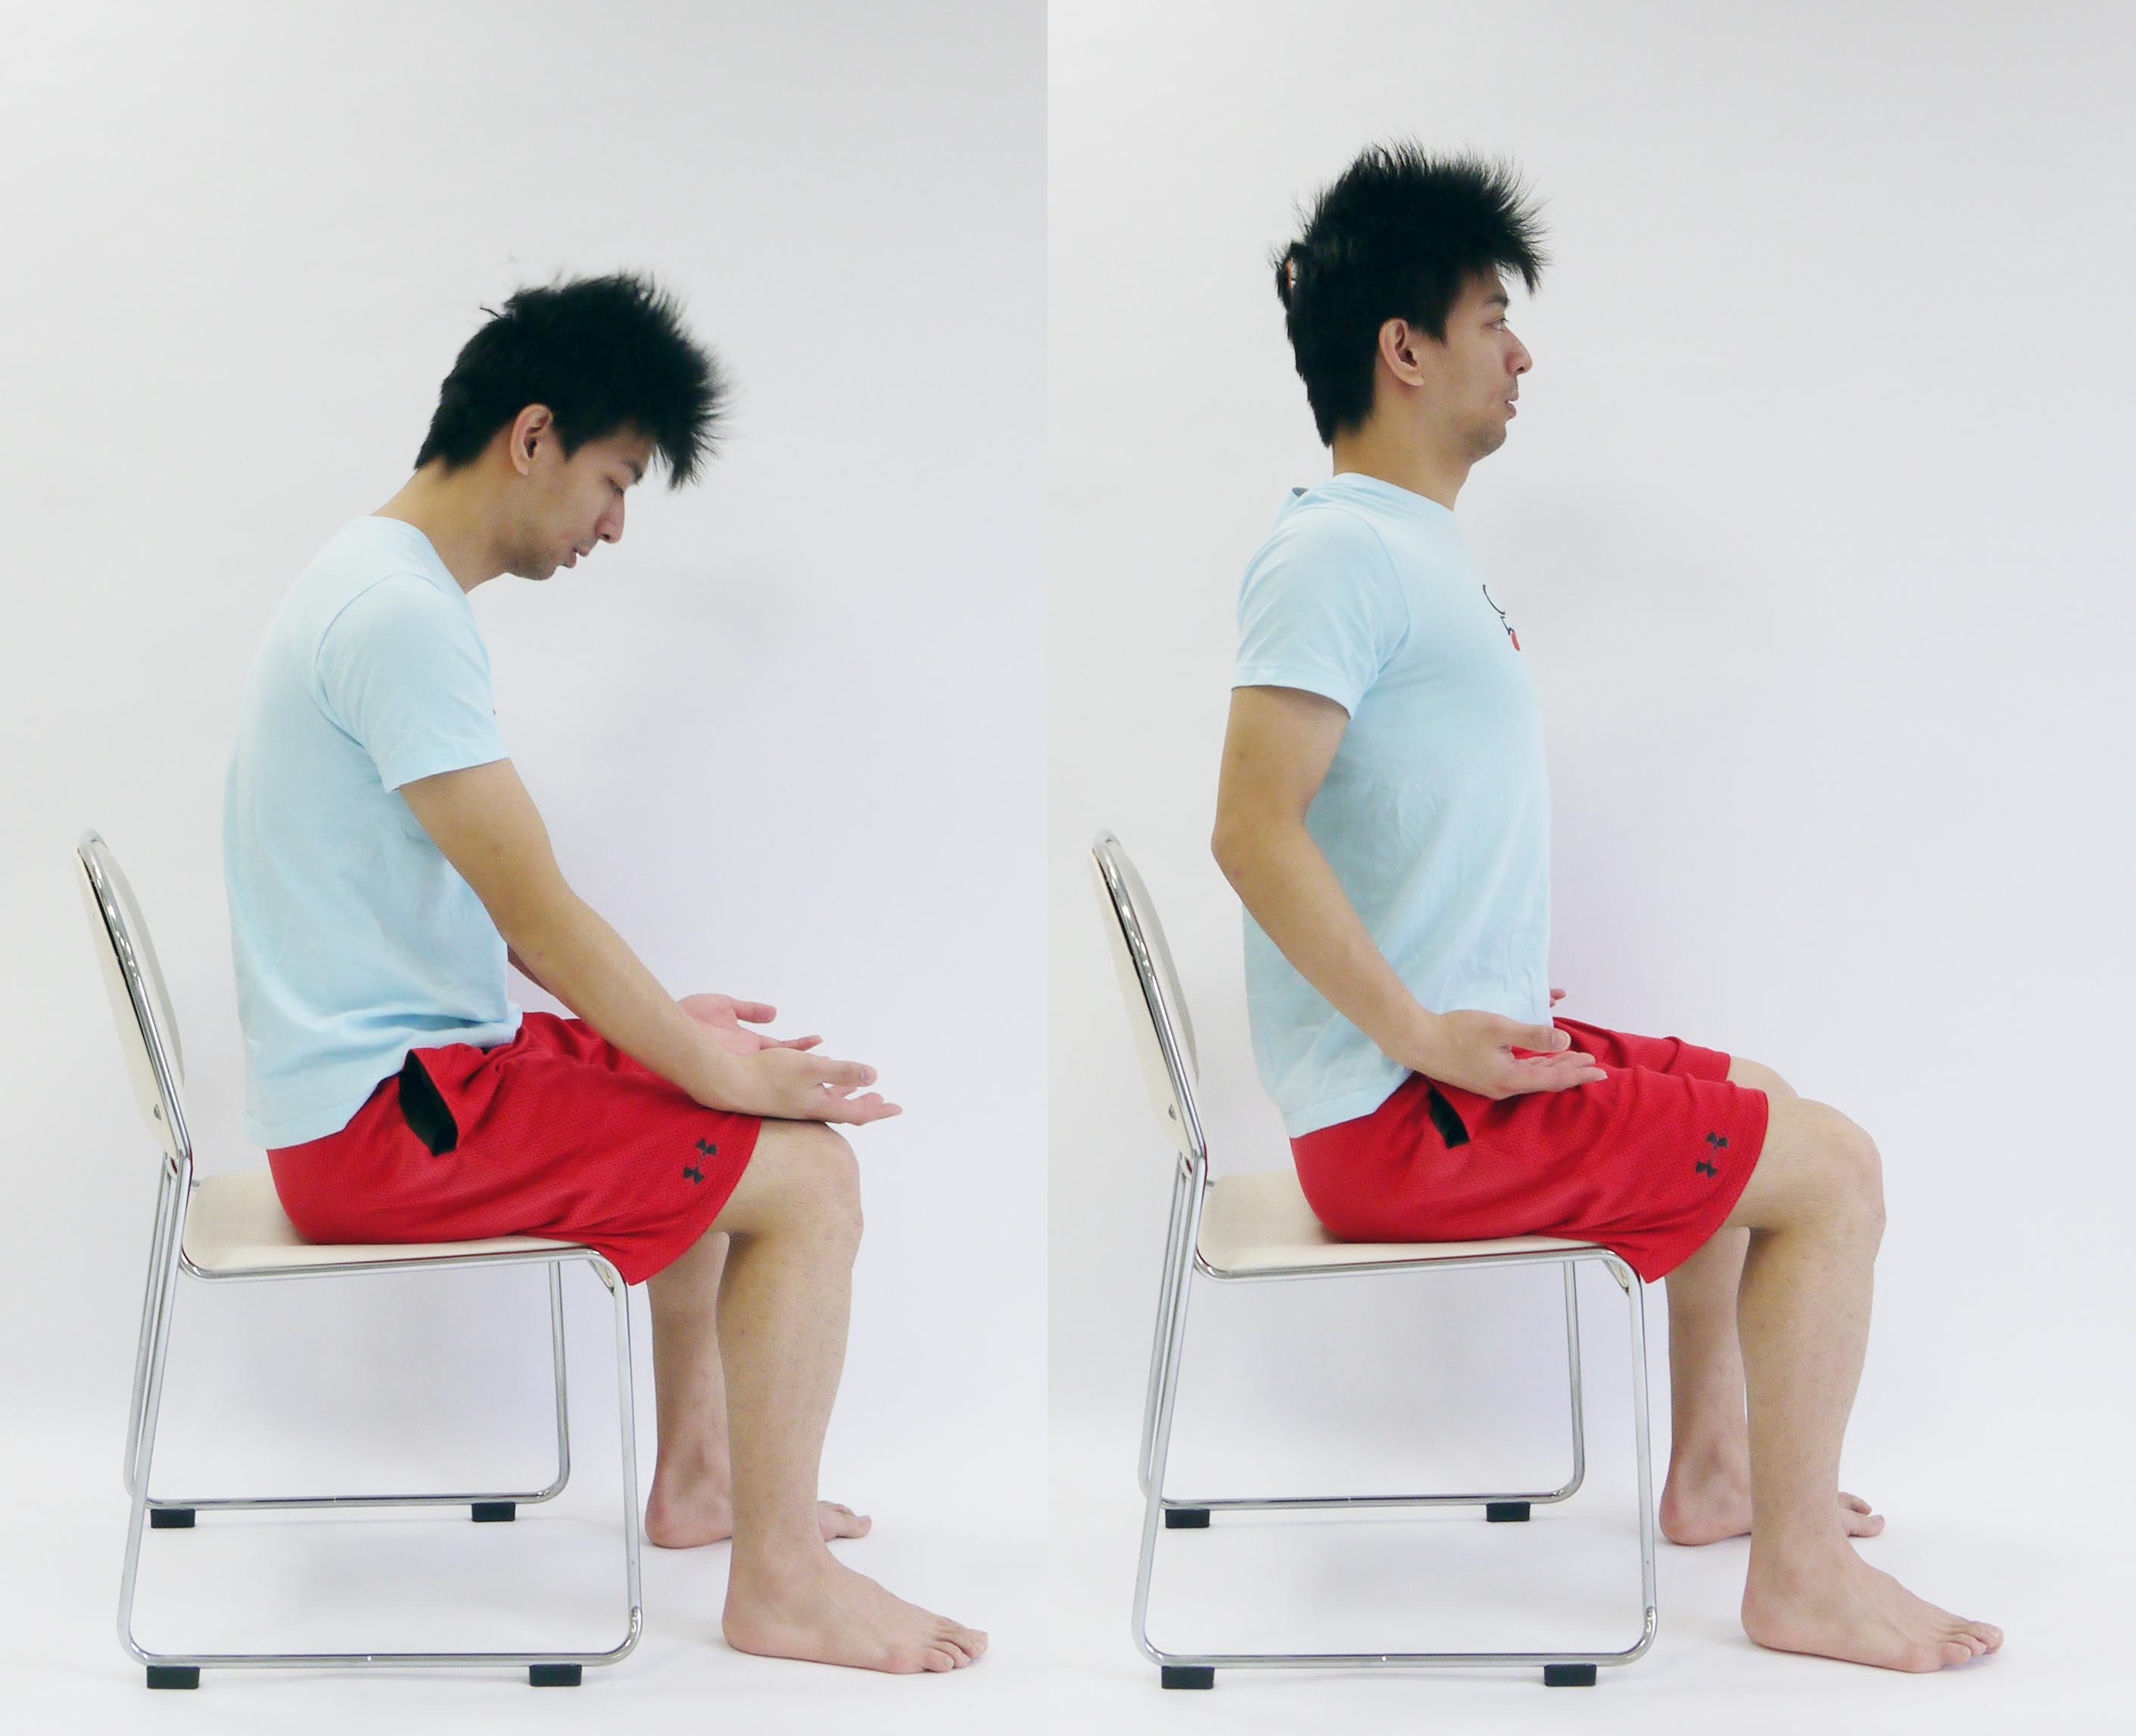 胸おこしローイング運動1